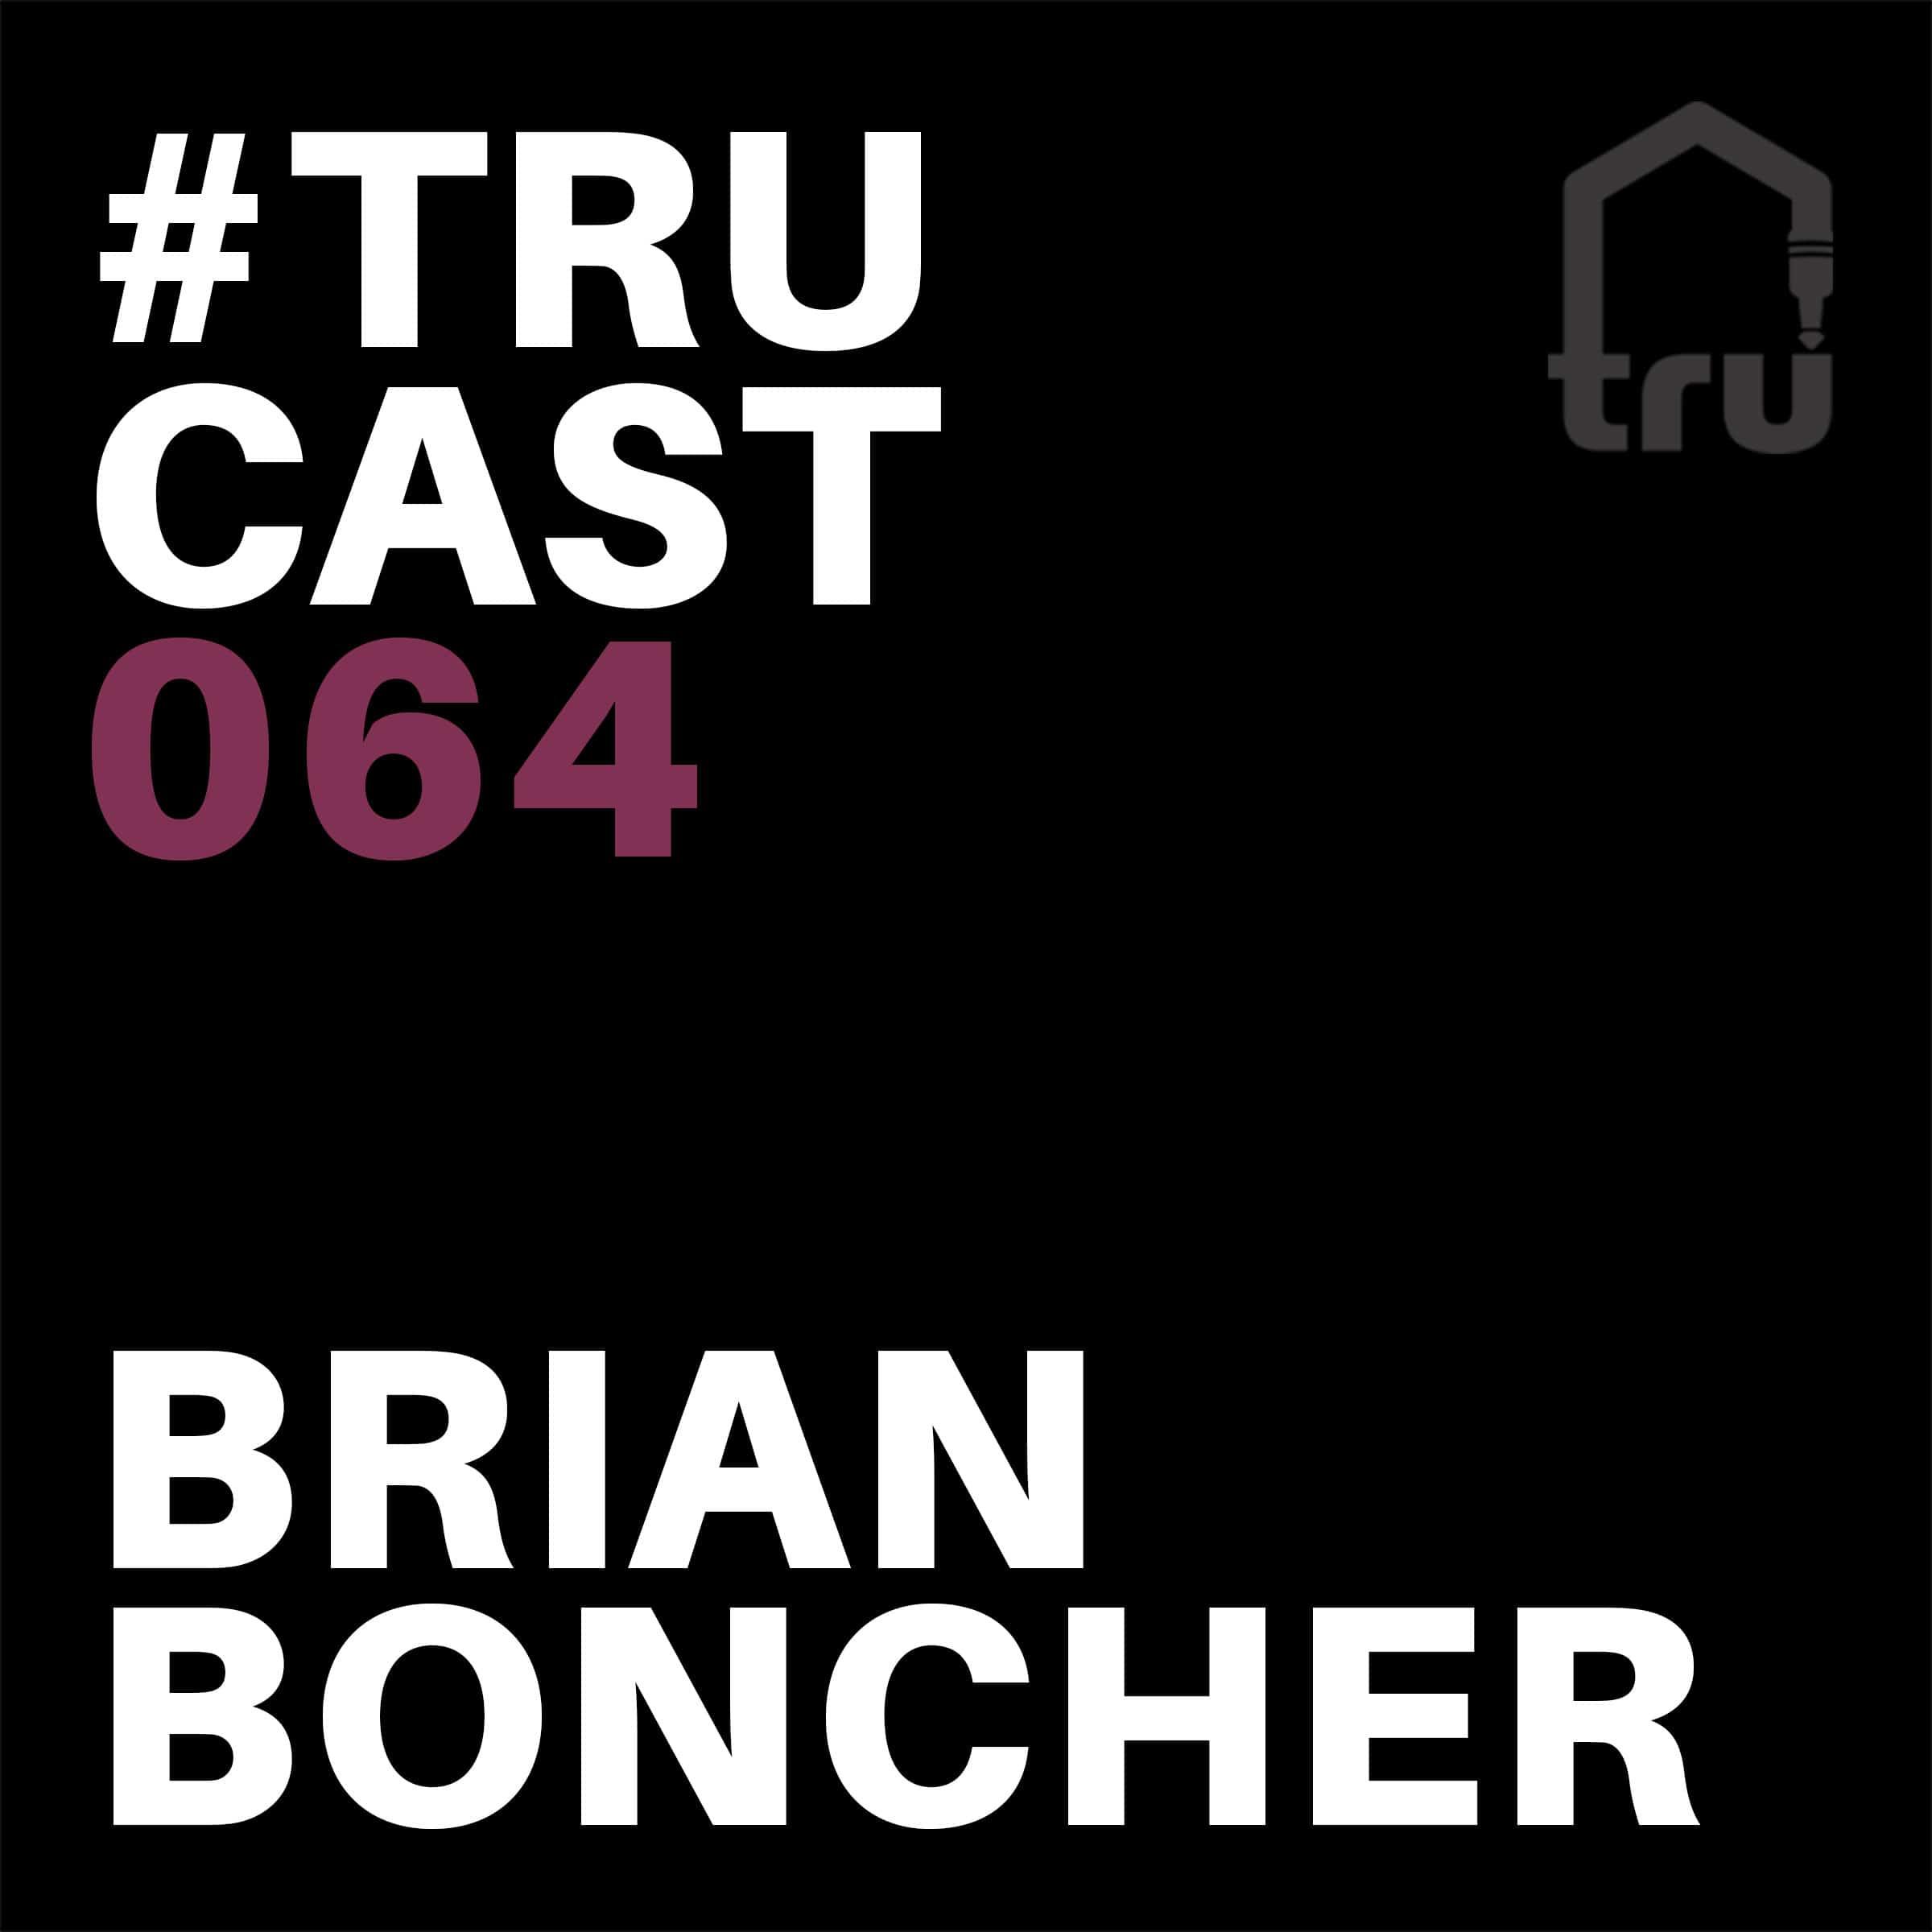 TRUcast 064 – Brian Boncher (Truzique Edition)